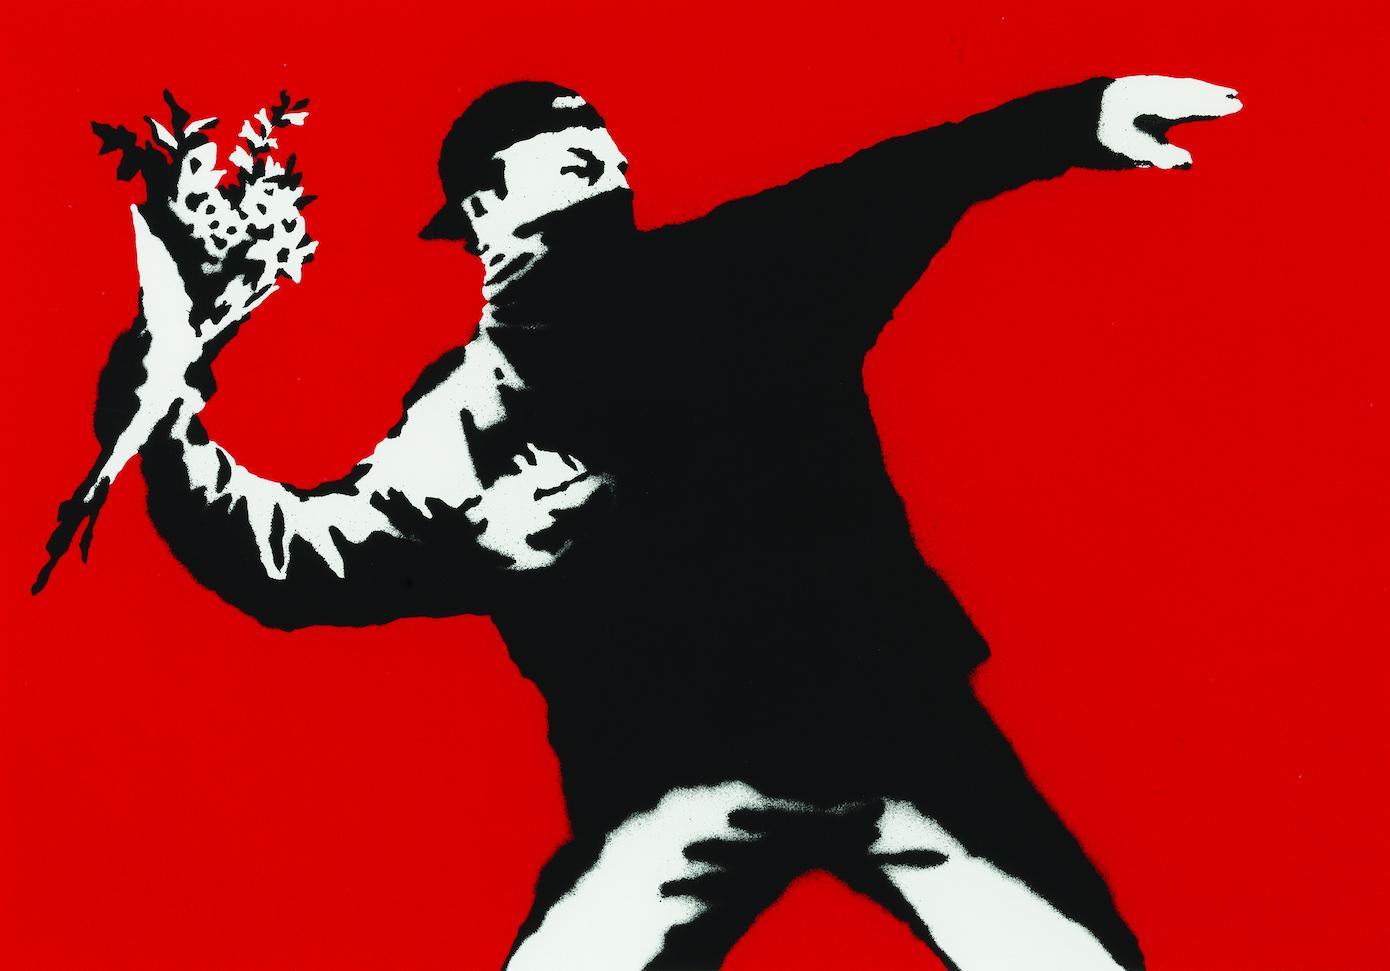 Le lanceur de Fleurs, Banksy,